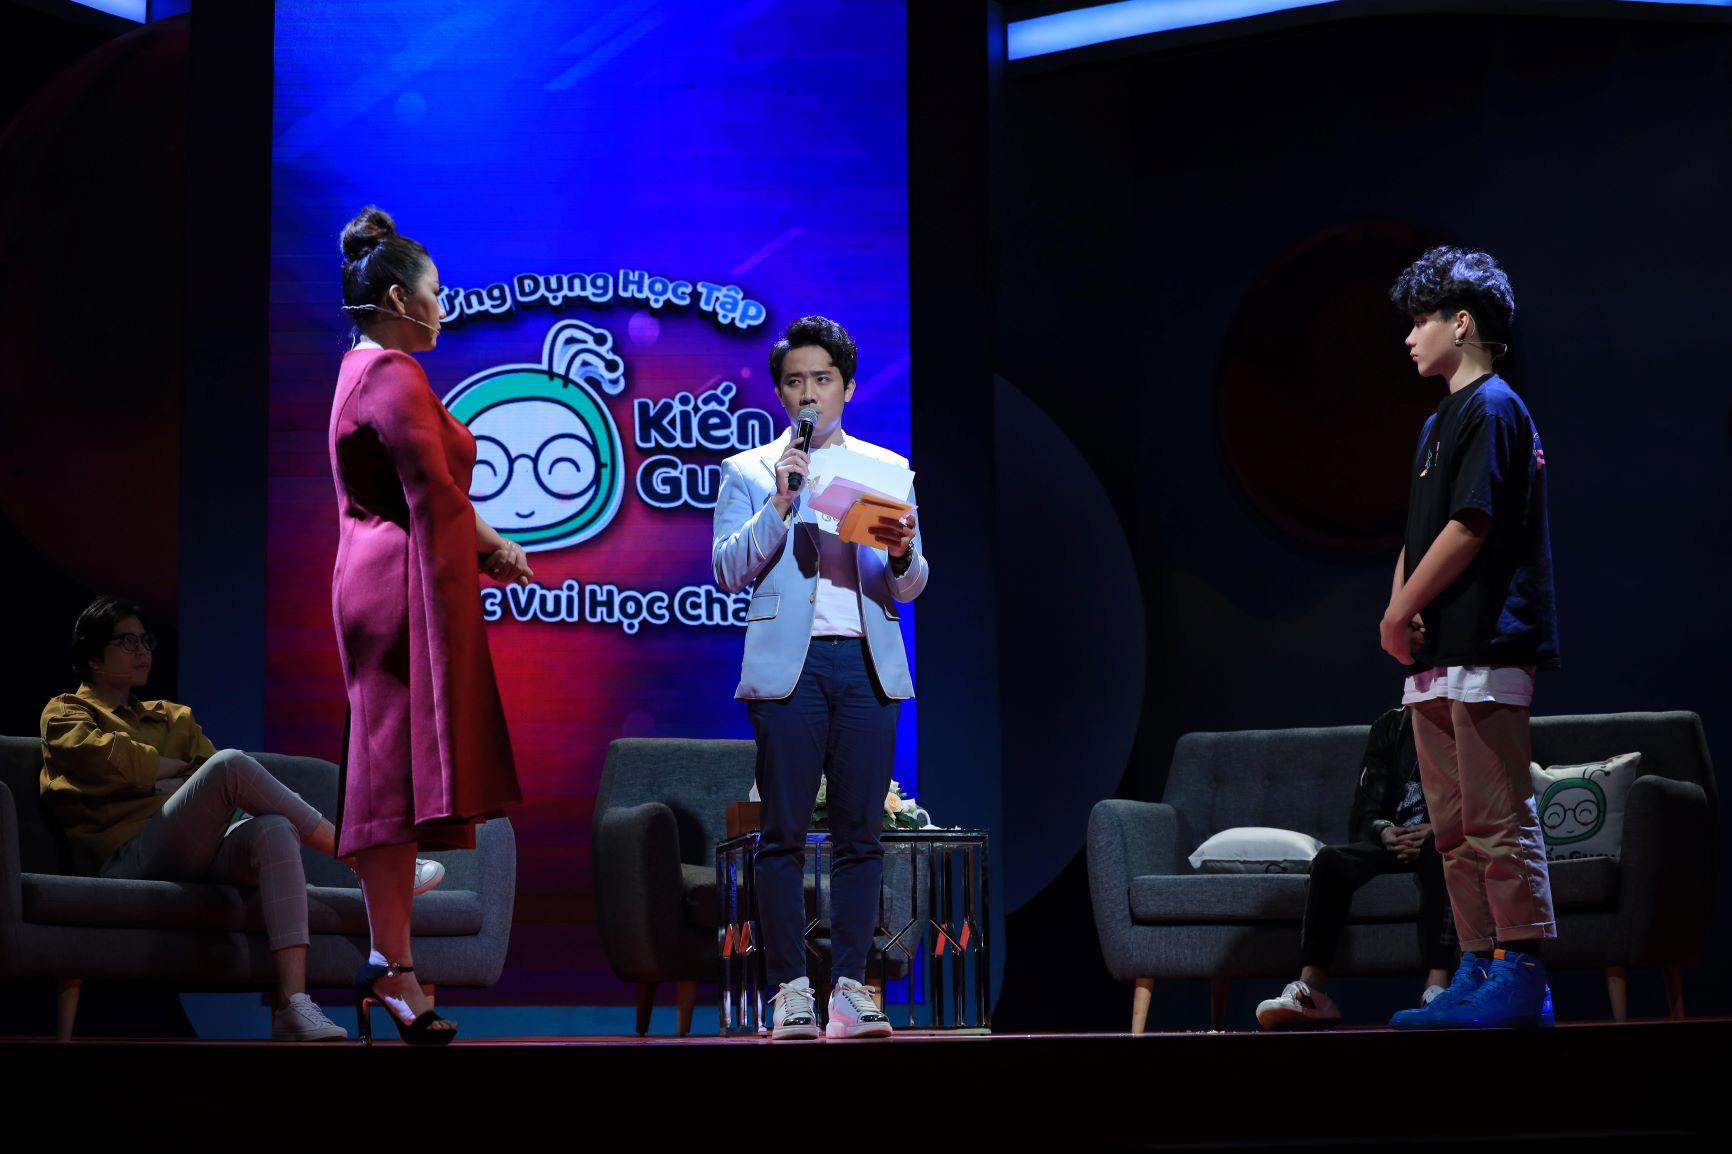 Trấn Thành bất ngờ trước sự hồn nhiên của cậu bé 14 tuổi khi trả lời các câu hỏi từ ứng dụng học tập Kiến Guru - Ảnh 4.